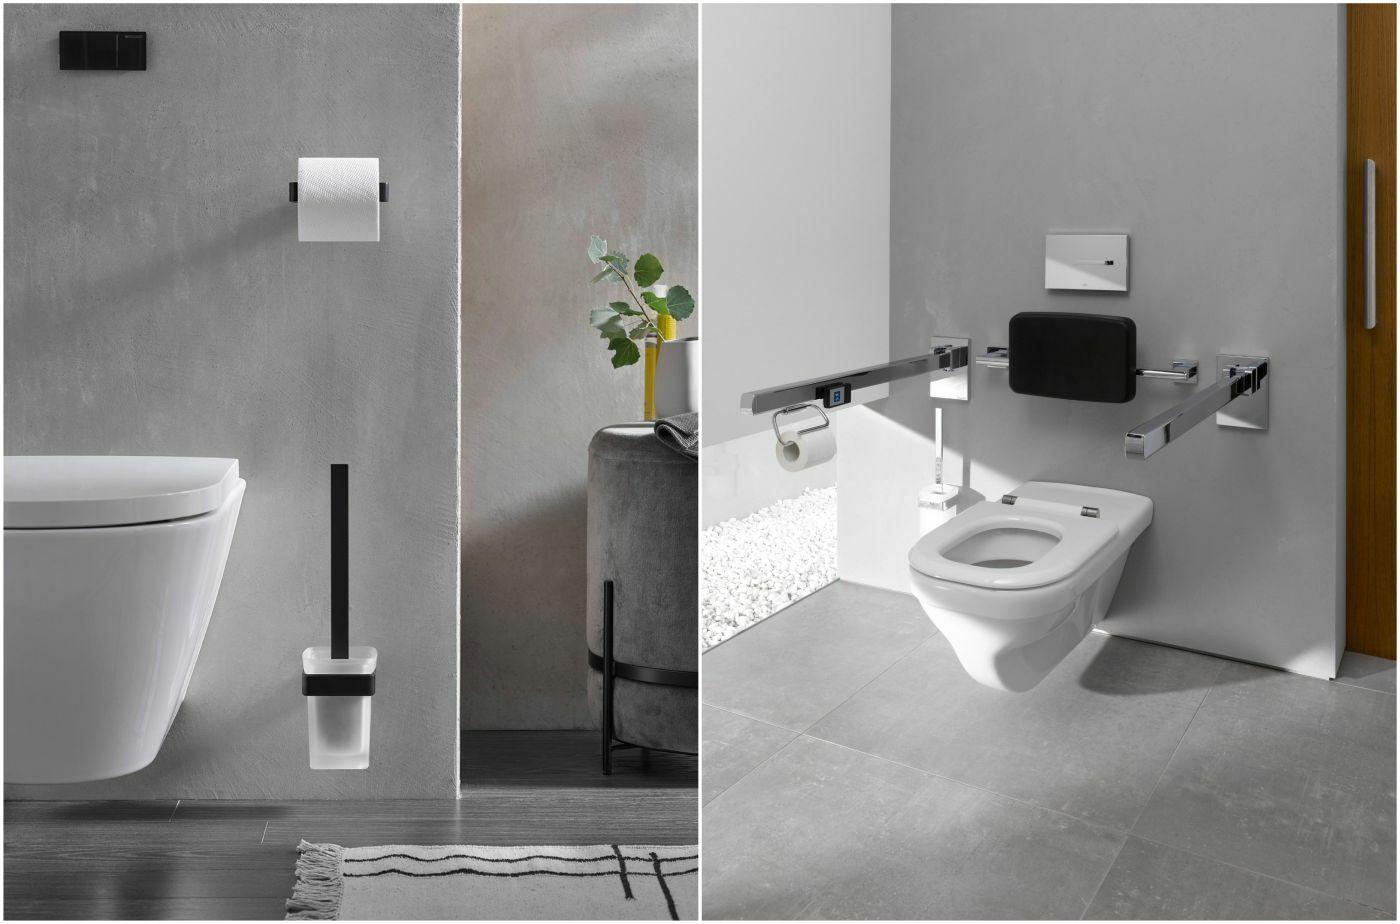 Speciális fürdőszoba környezethez is igazítható